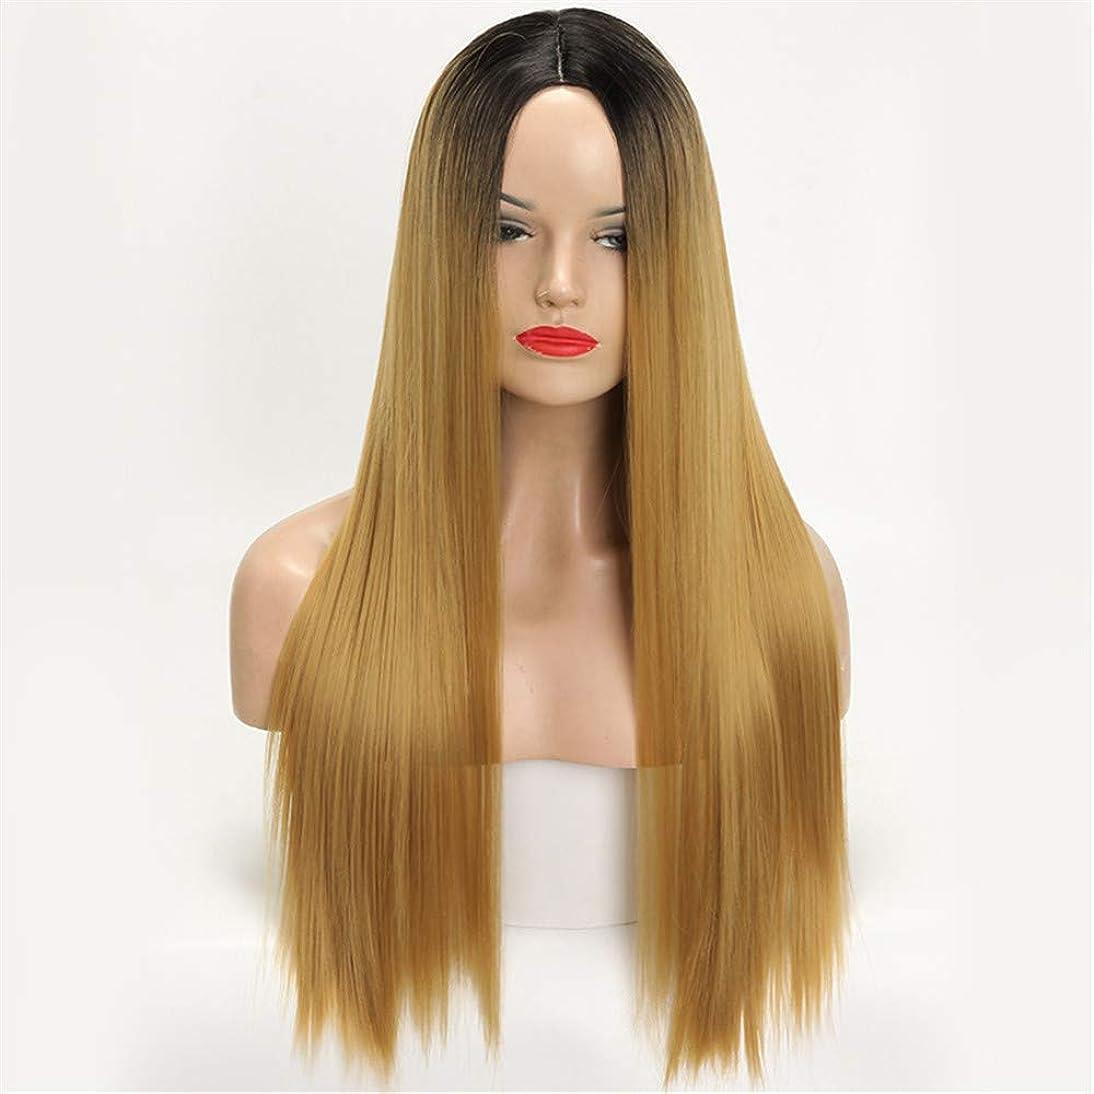 争いきれいに不潔かつらロングストレートヘア女性勾配化学繊維フードオンブルブラックブロンドロングストレート高温合成繊維ウィッグ女性用ウィッグ30インチ